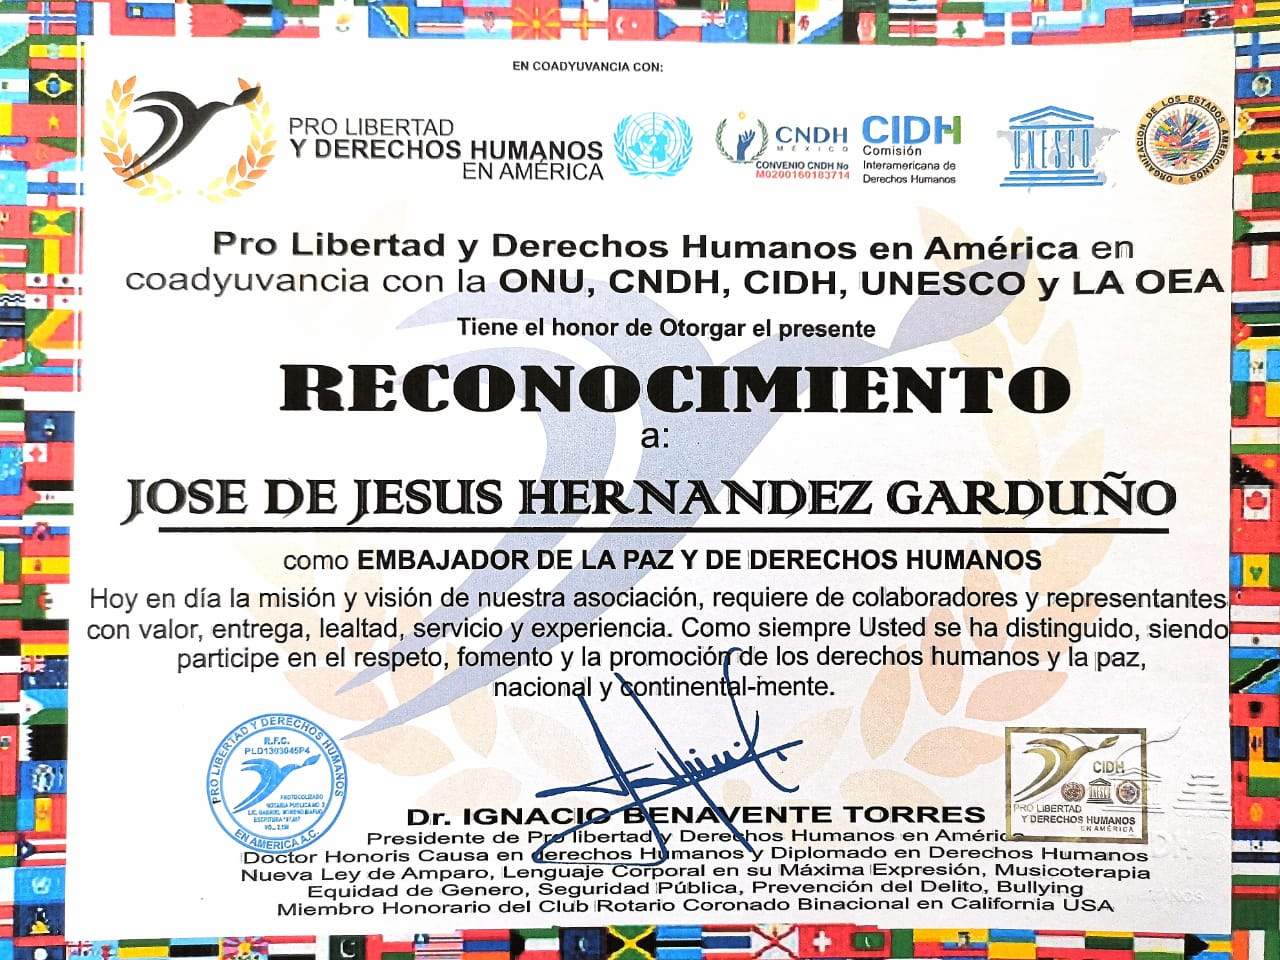 Reconocimiento-Jose-Hermandez-Embajador-derechos-humanos.jpg